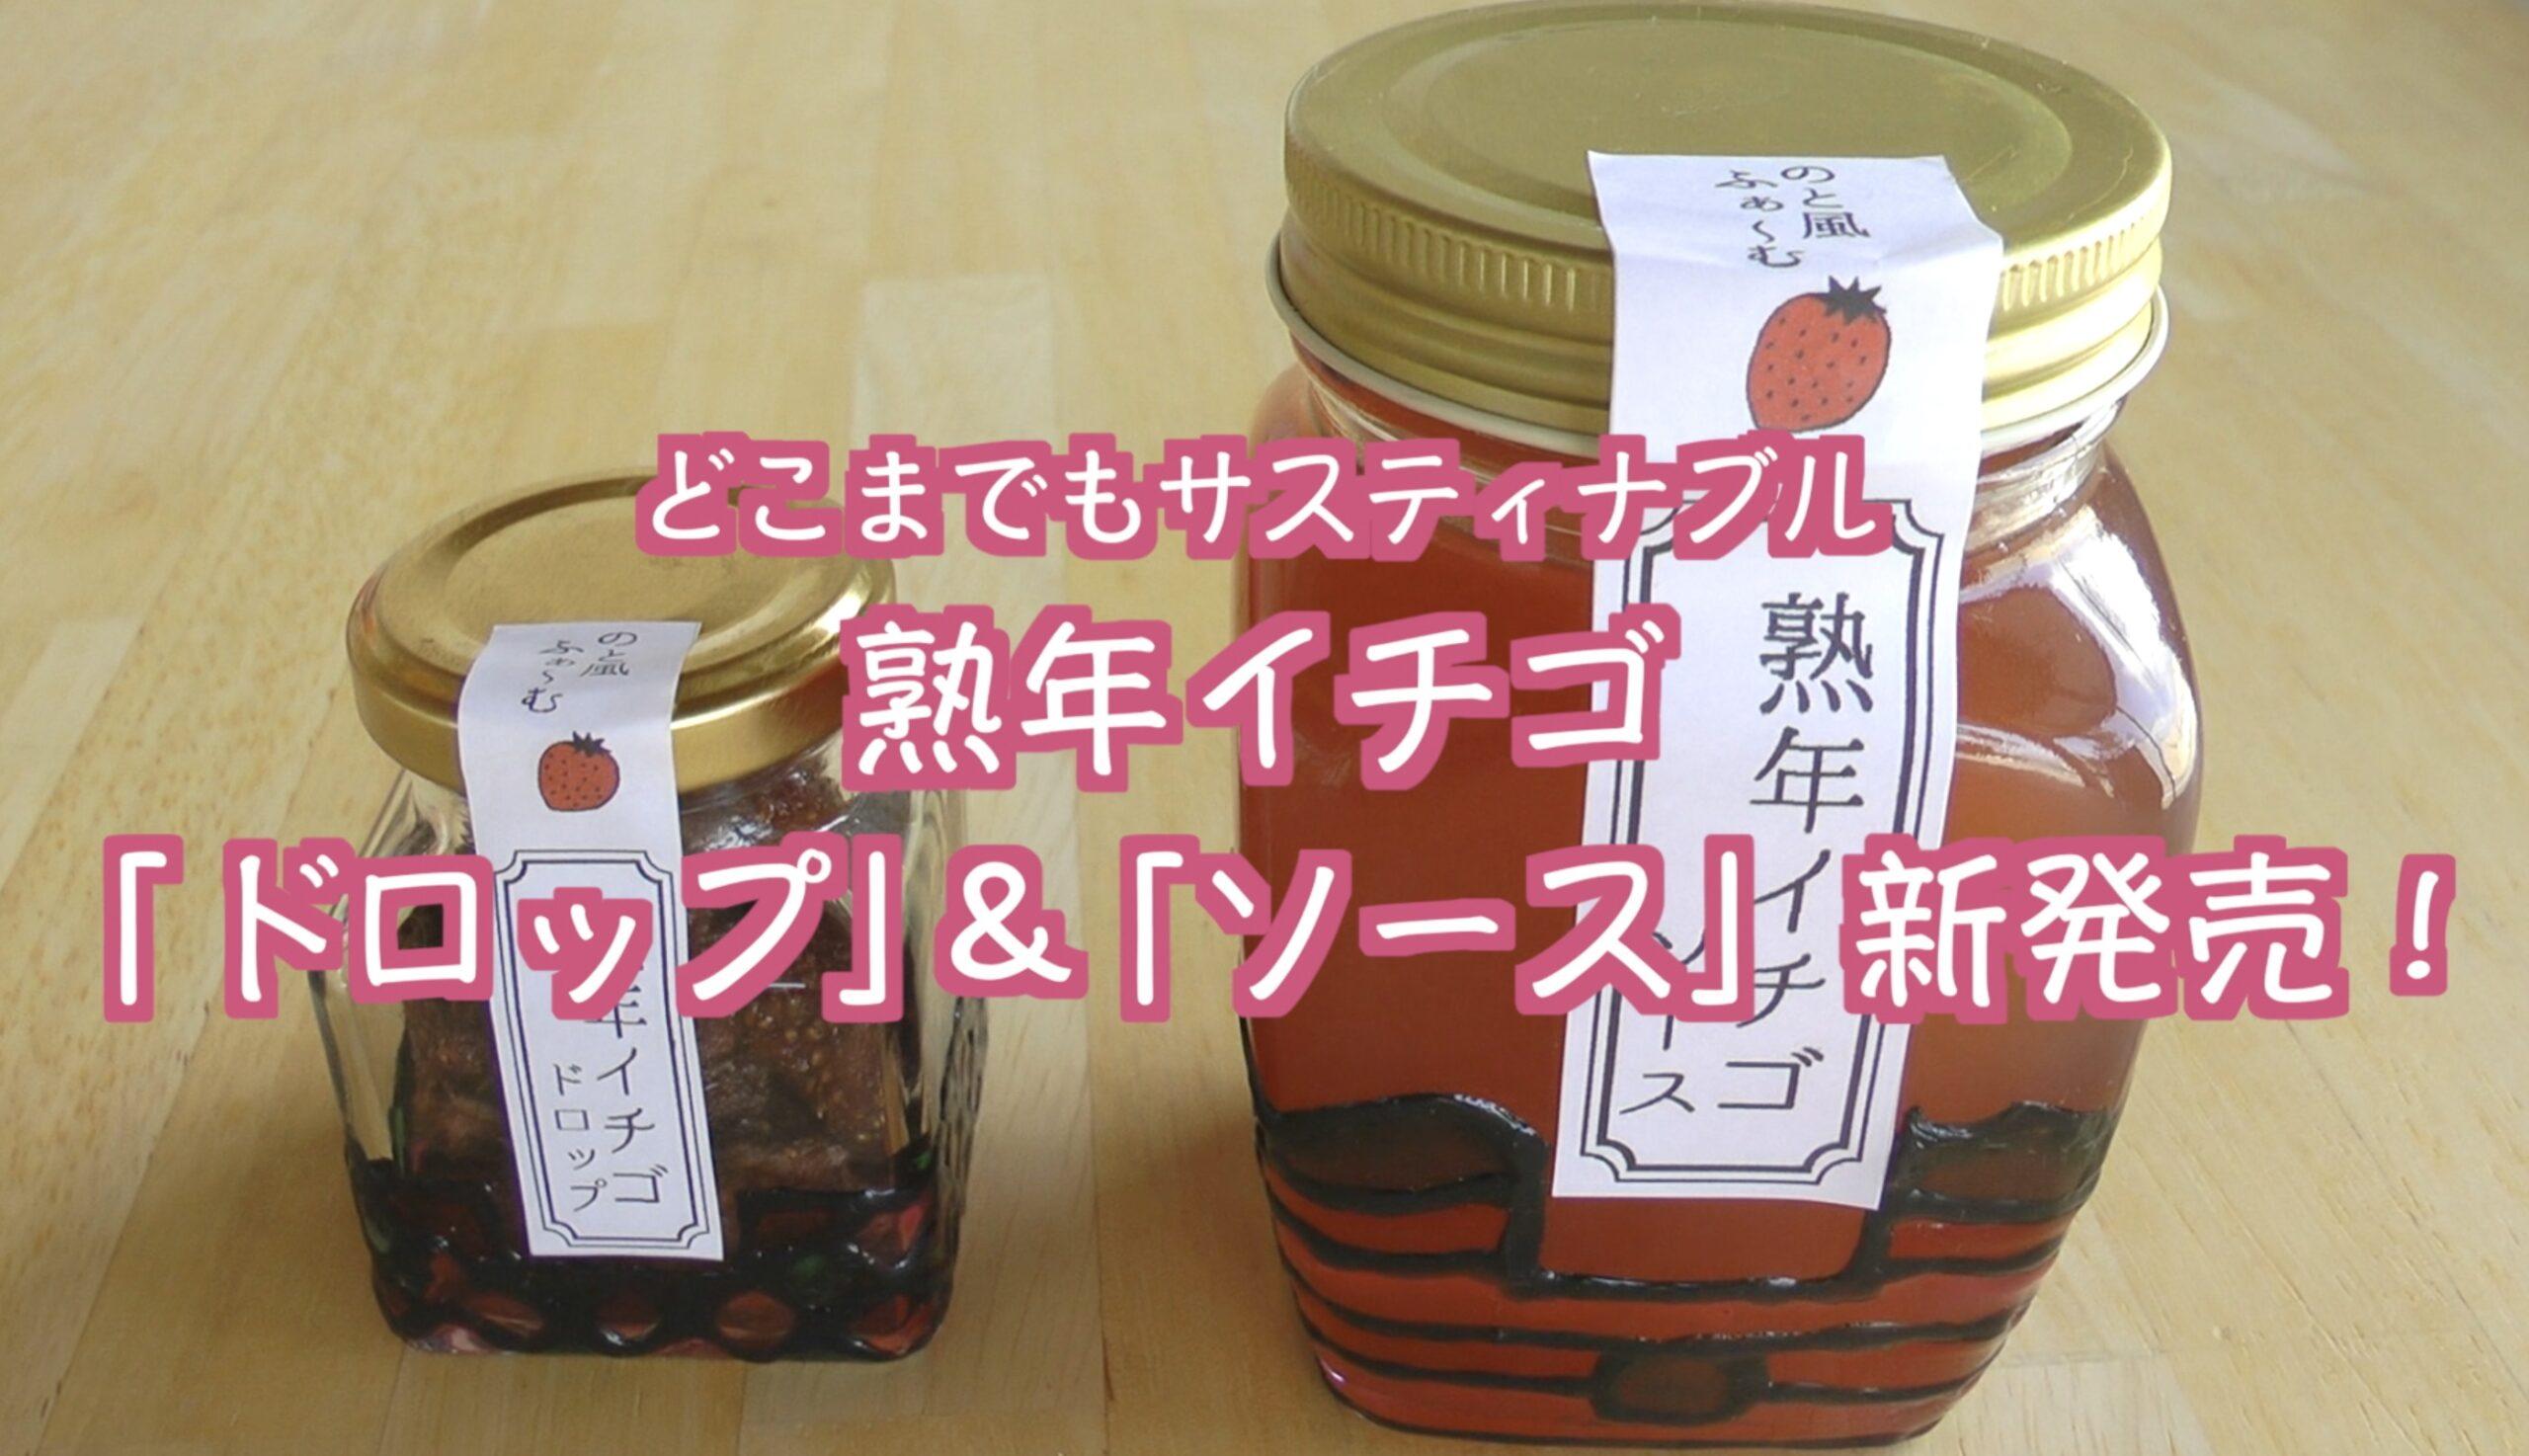 【完売】熟年イチゴ ドロップ/ソース残り僅か!